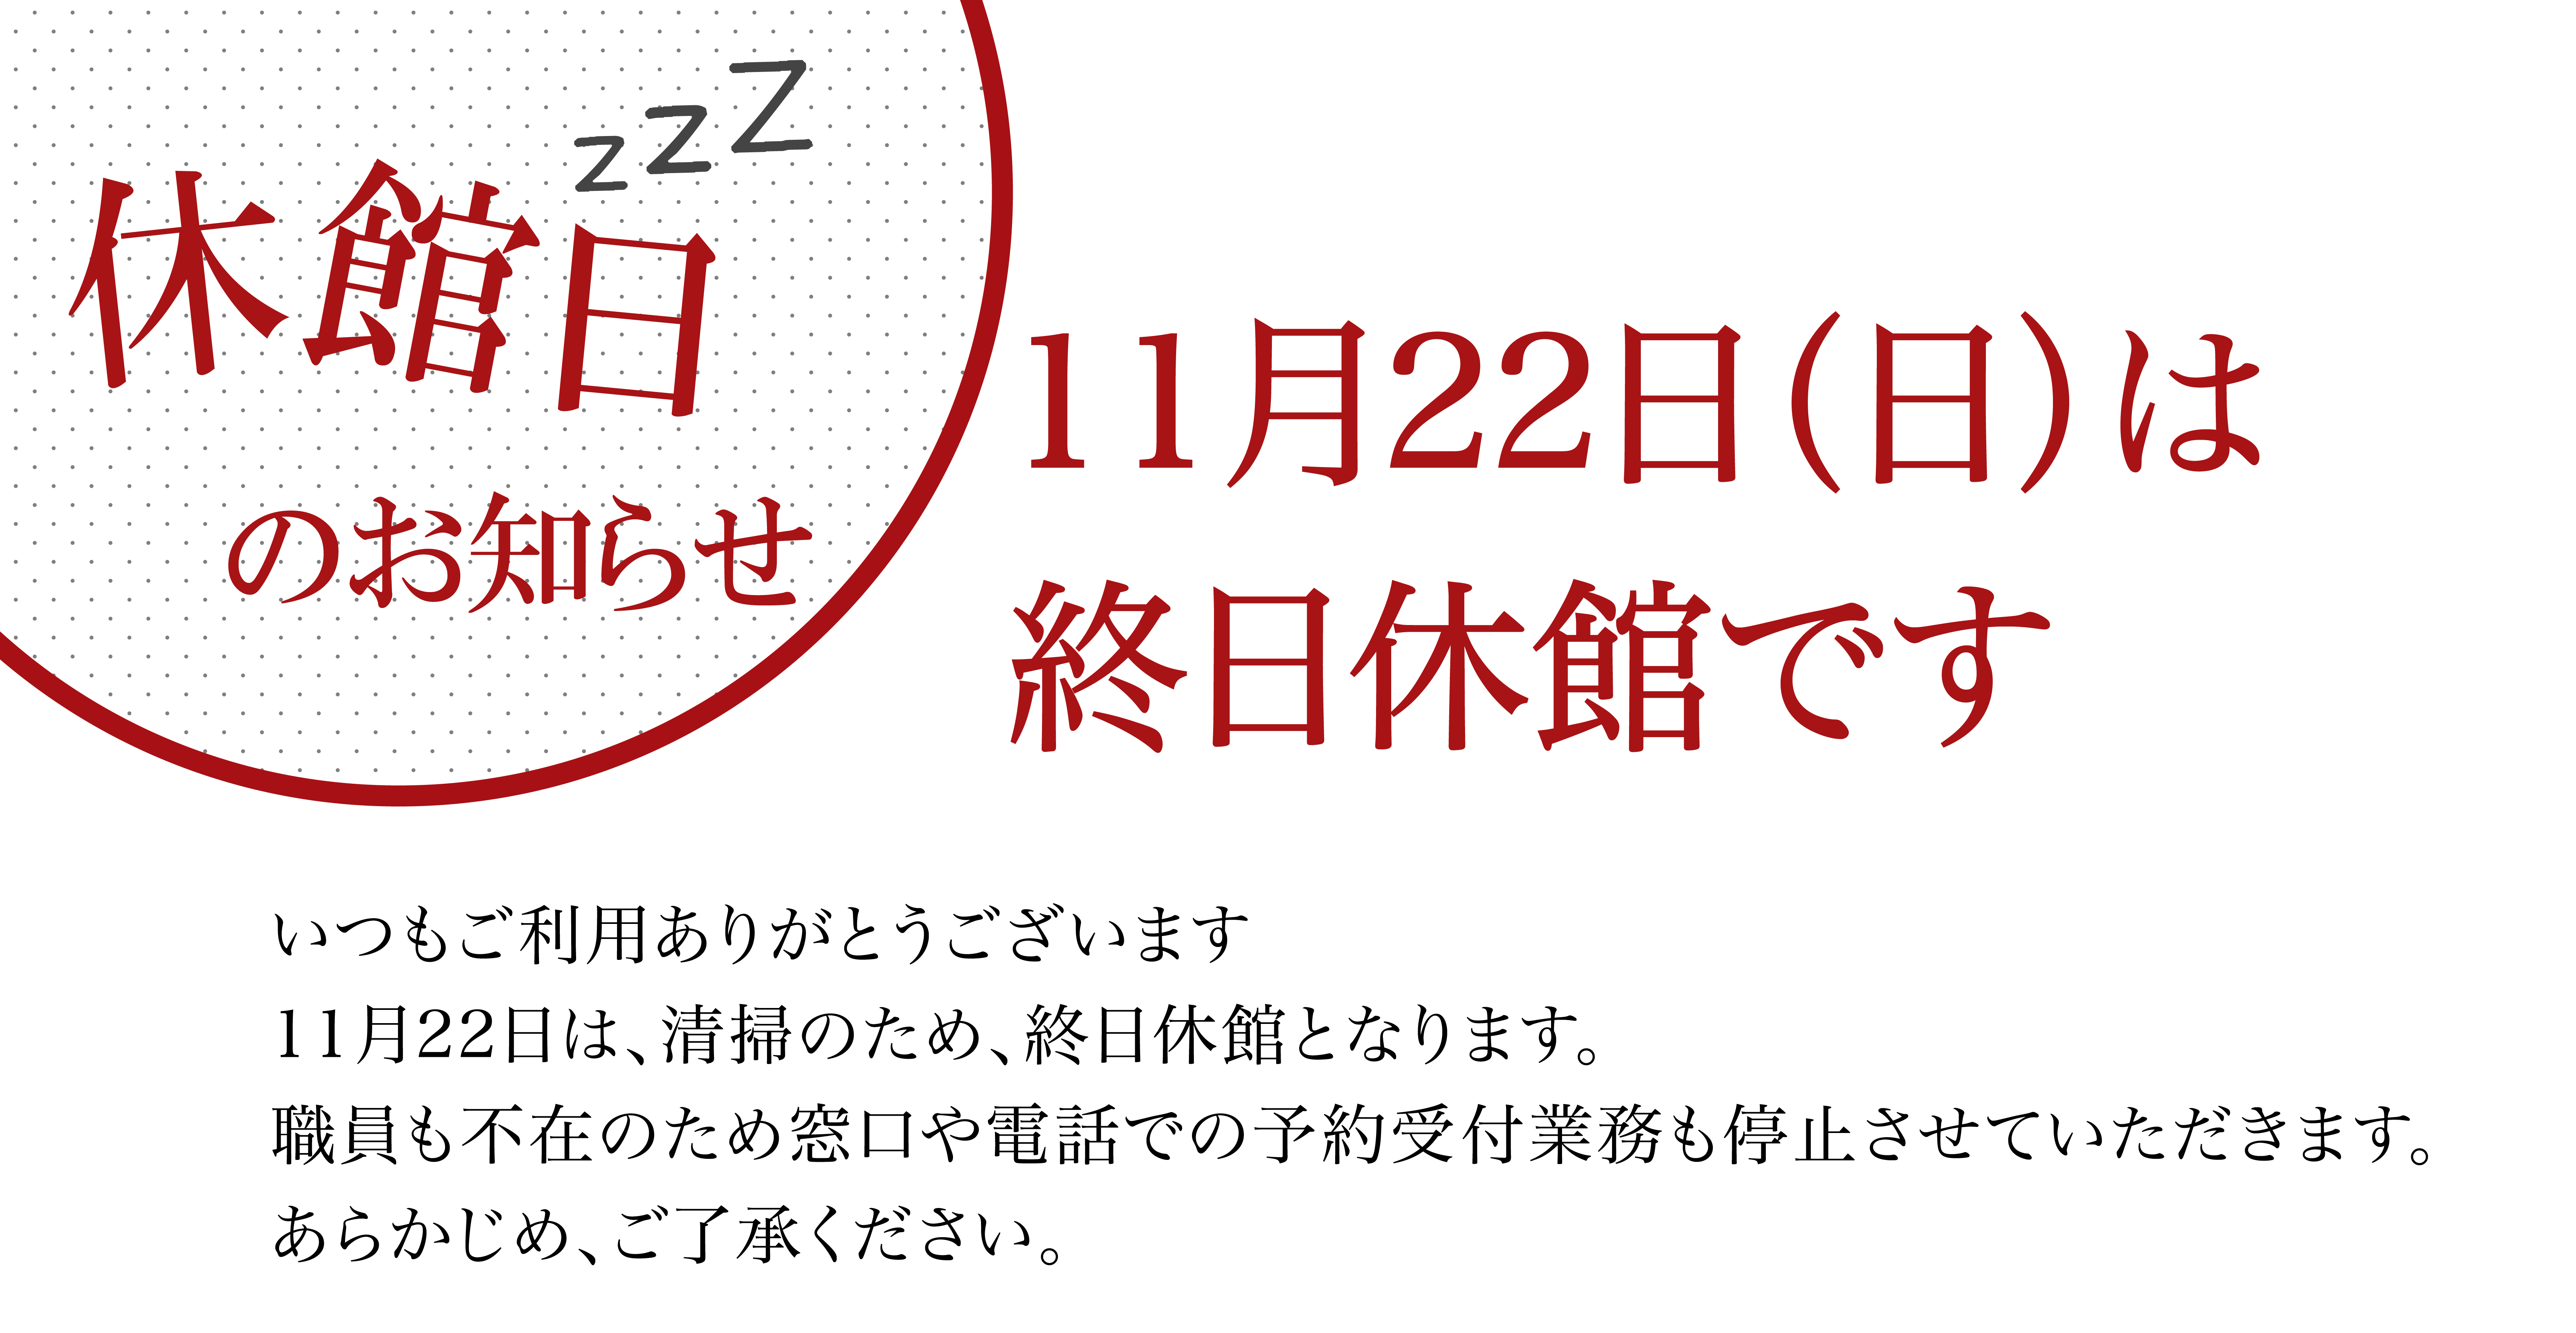 [fb]全館休館日のお知らせ1122